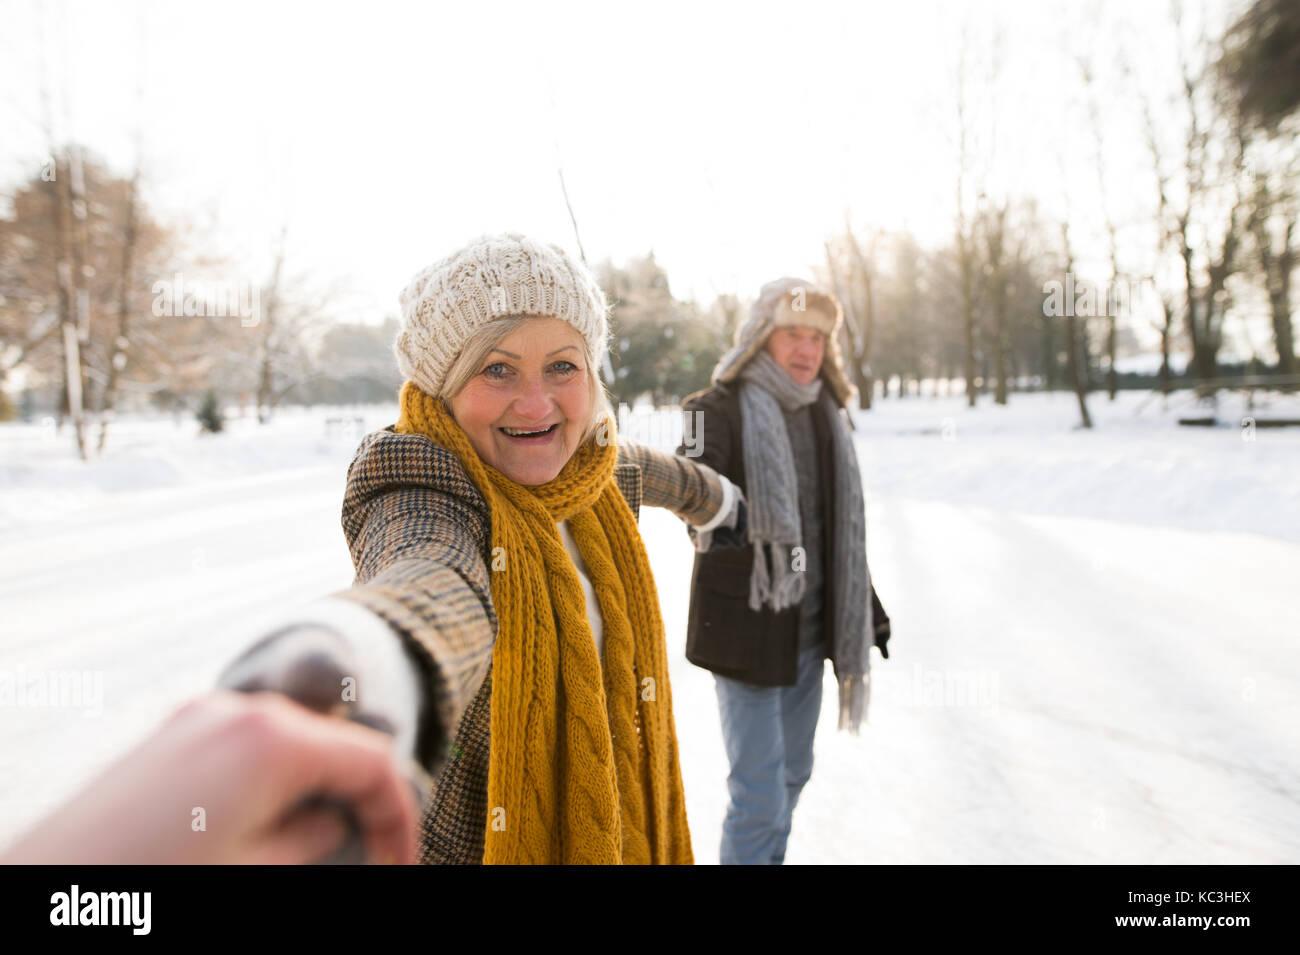 Las parejas ancianas en un soleado día de invierno naturaleza patinaje sobre hielo. Imagen De Stock